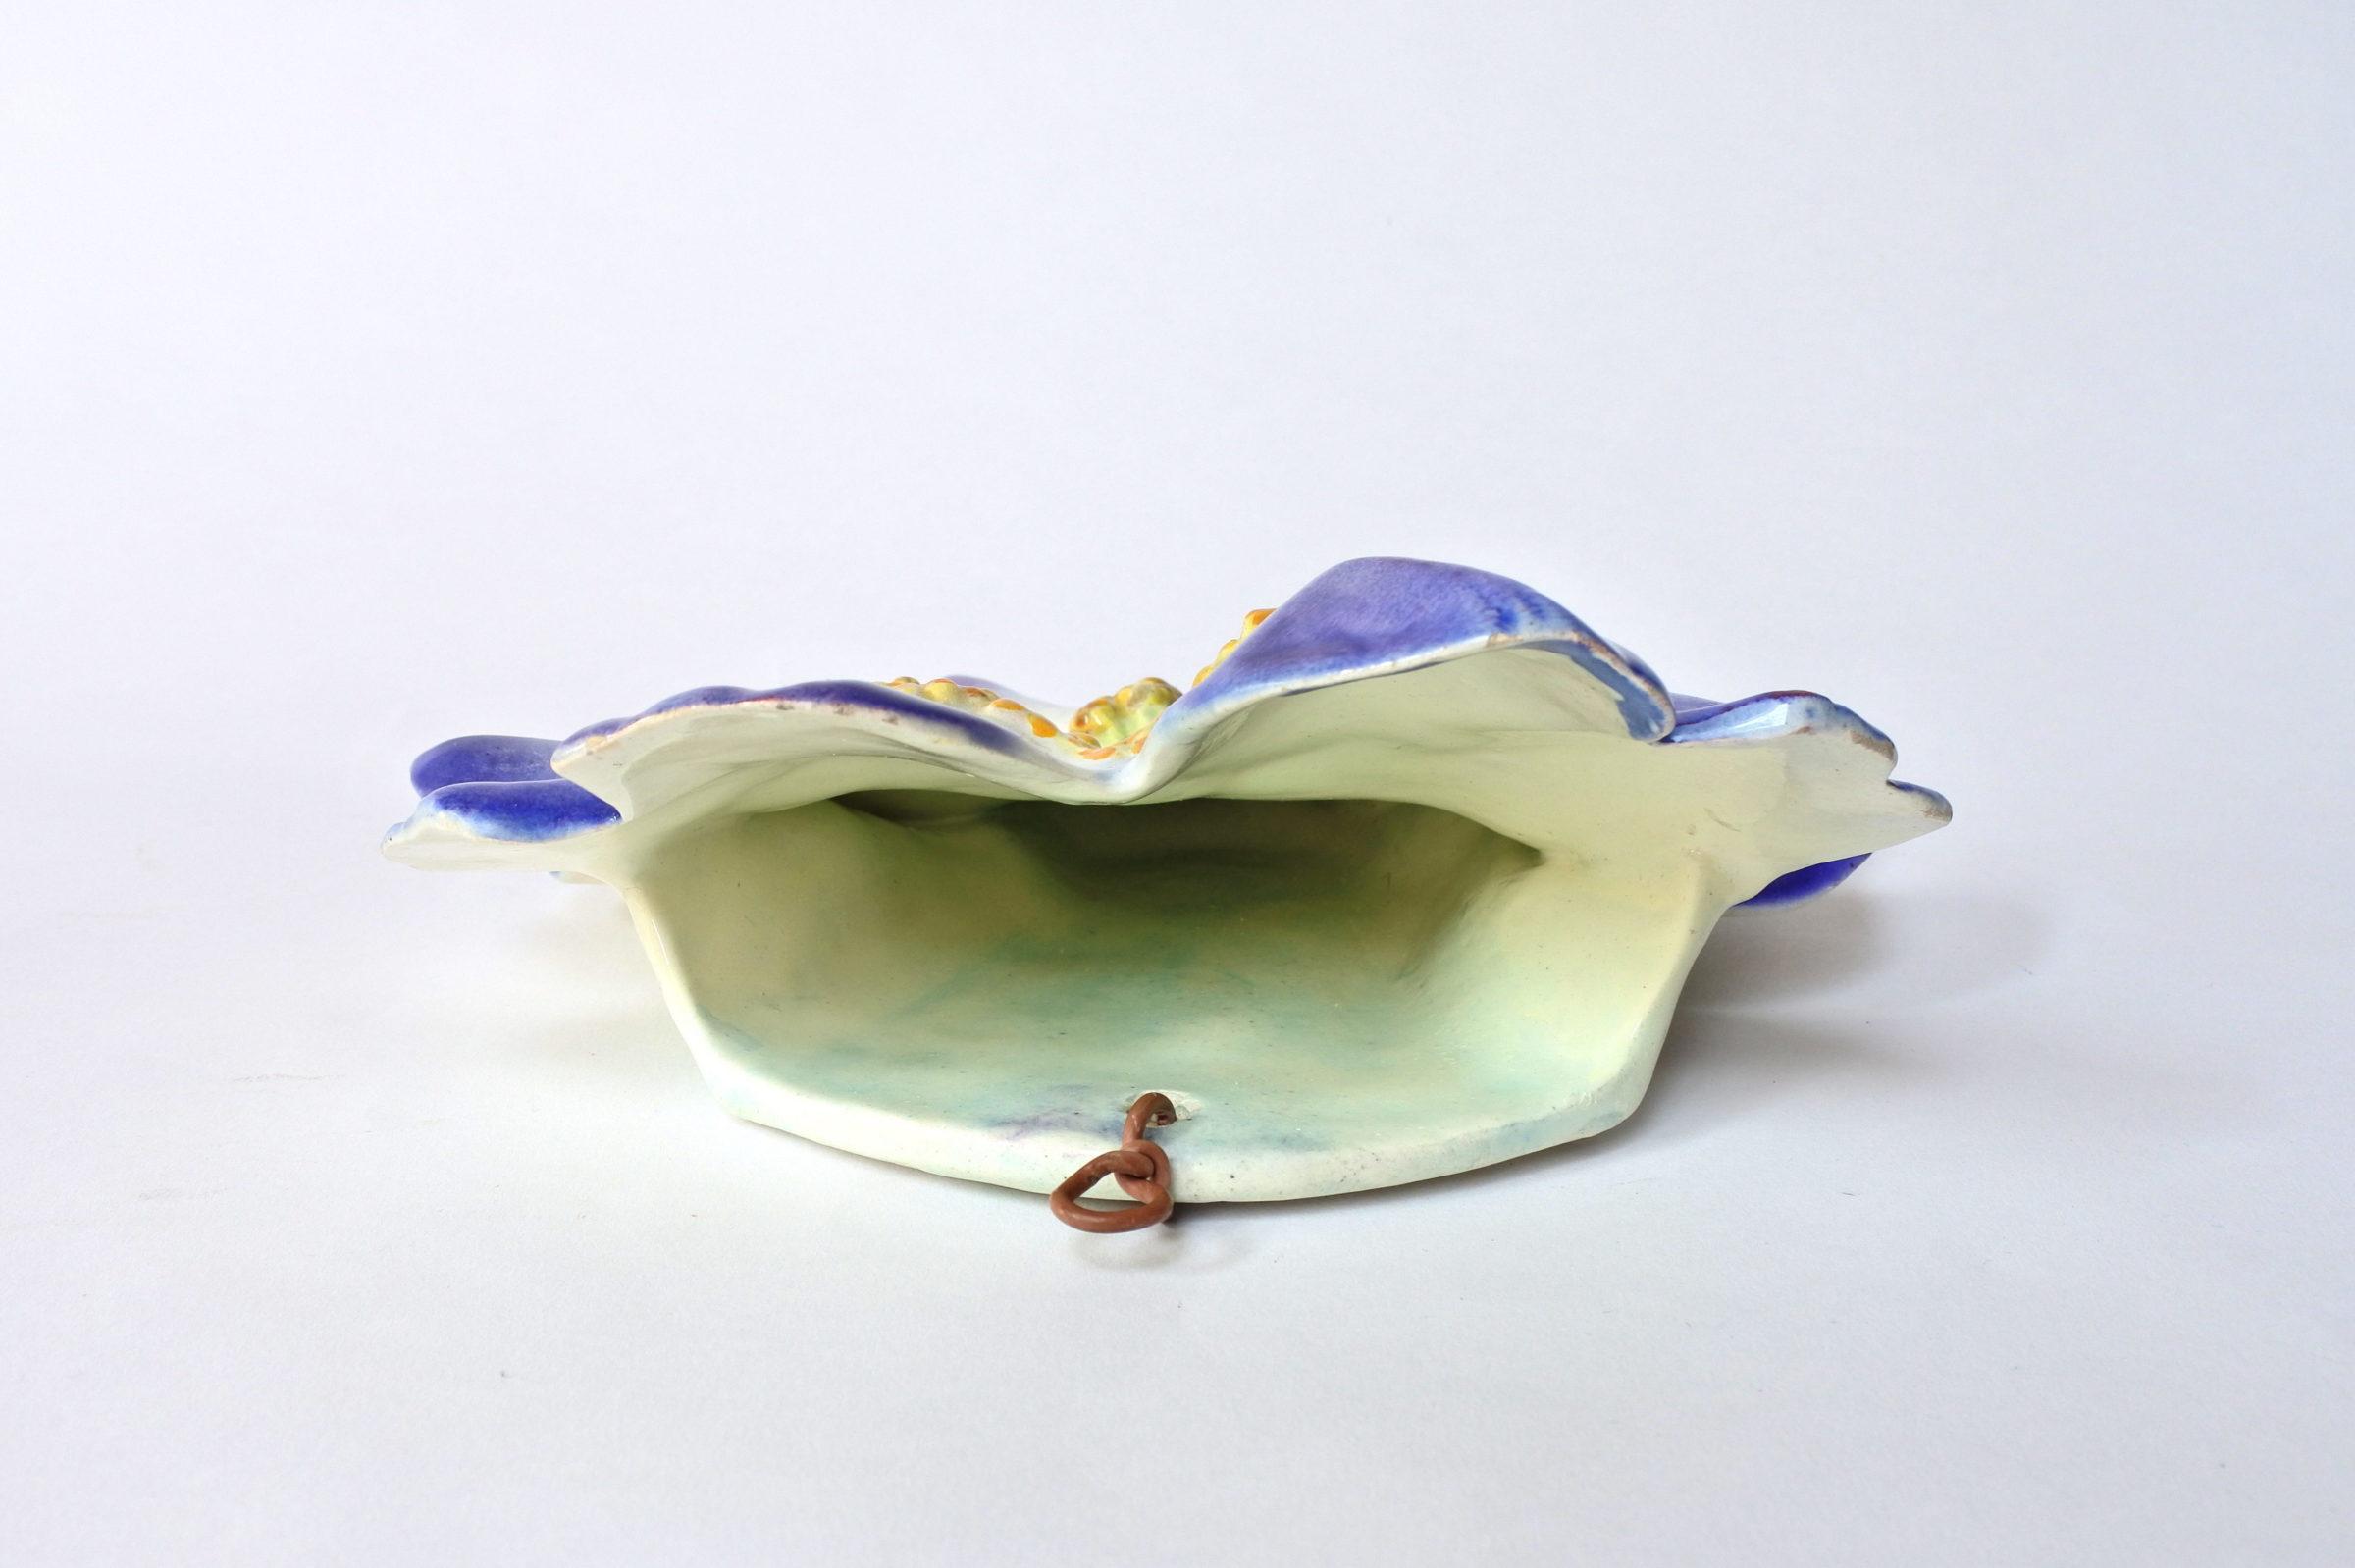 Portafiori da muro in ceramica barbotine a forma di rosa canina blu - Massier - 4